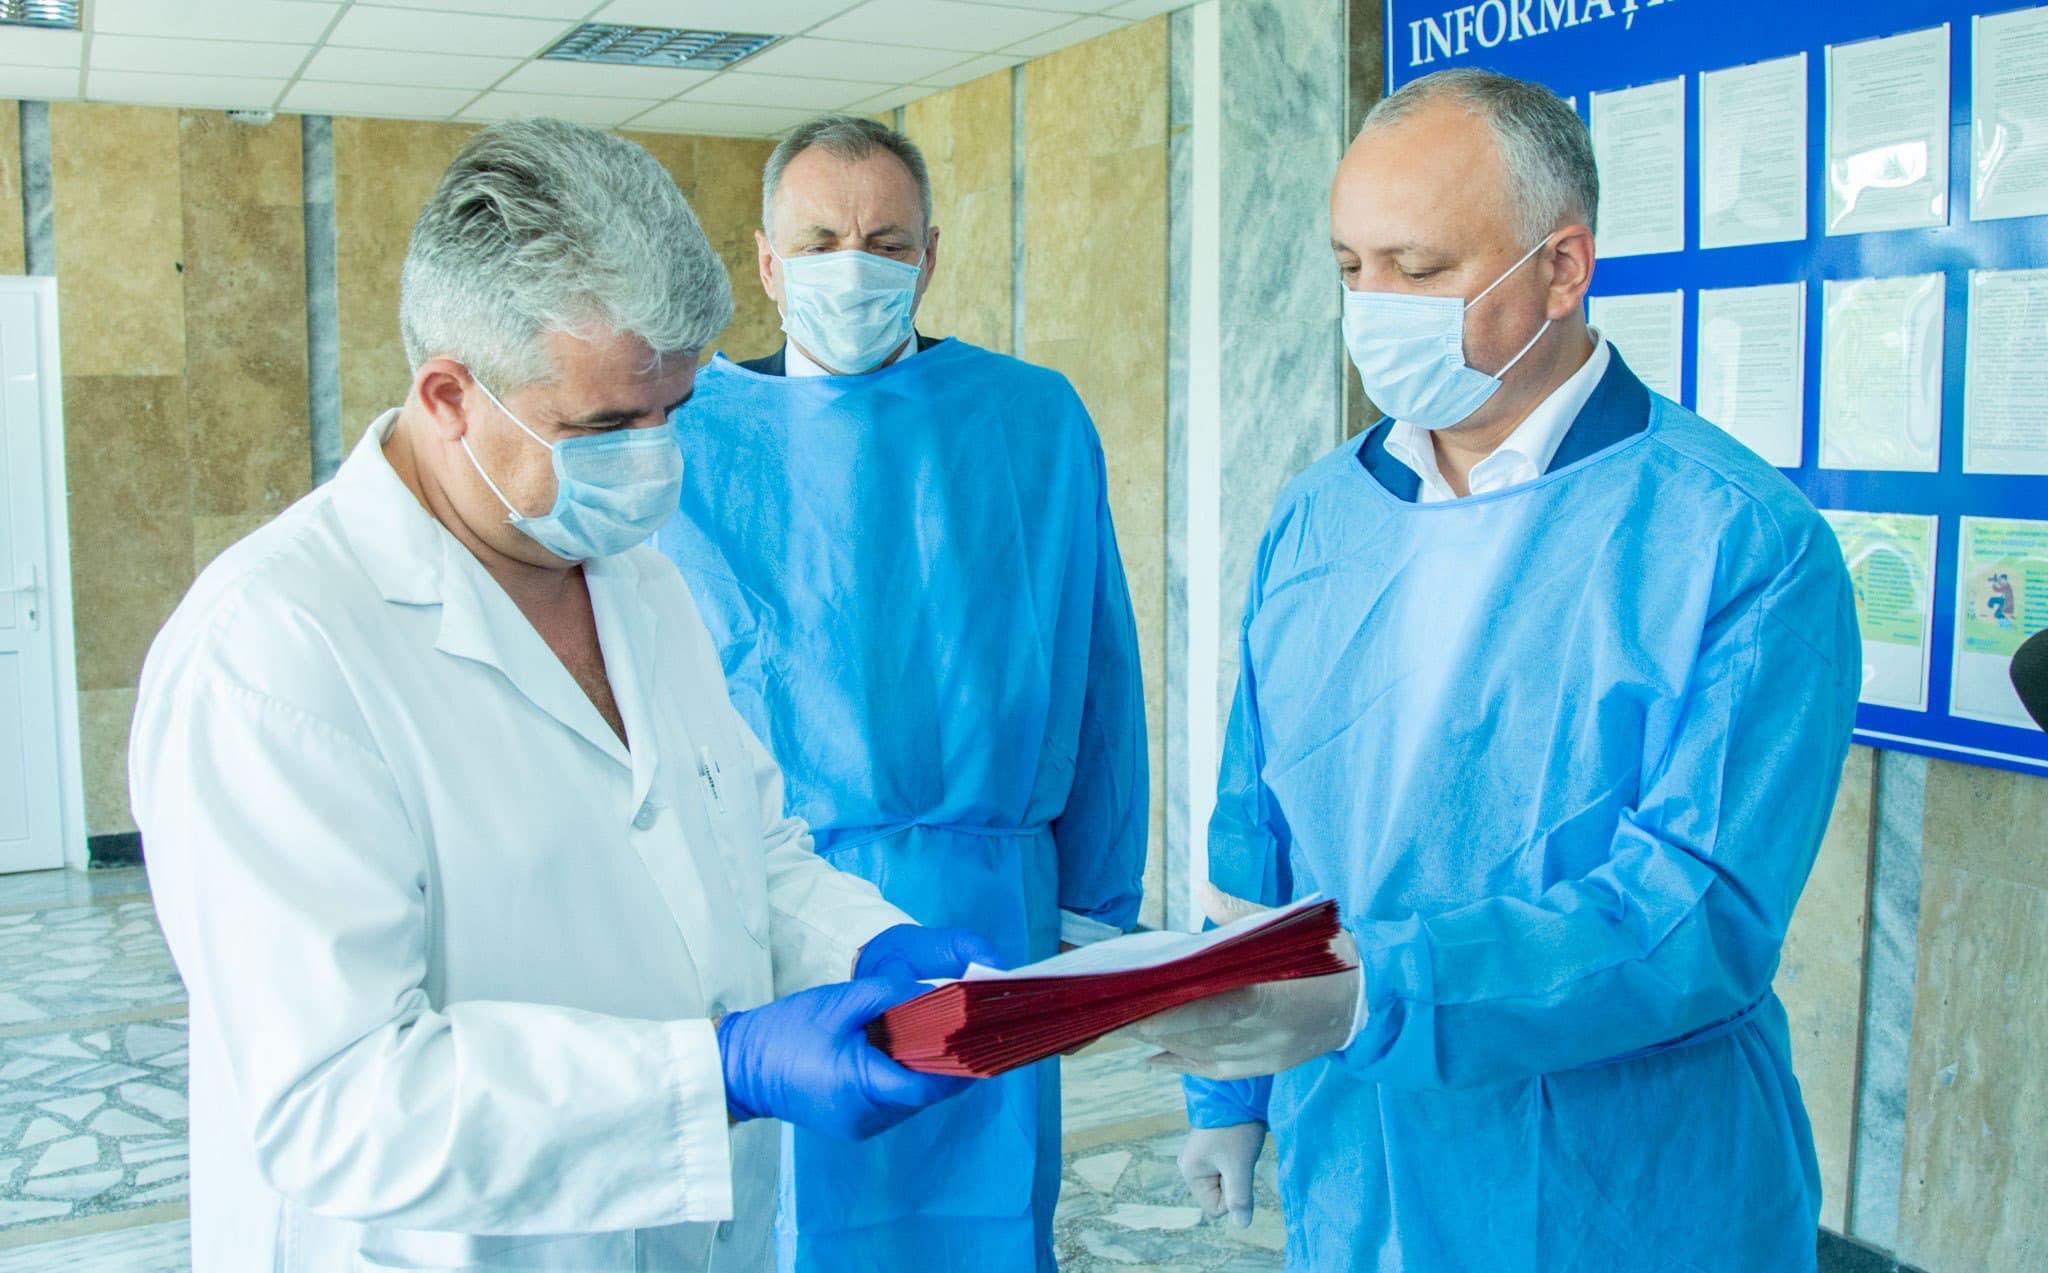 Лучшие работники районной больницы Тараклии получат почетные дипломы президента (ФОТО, ВИДЕО)